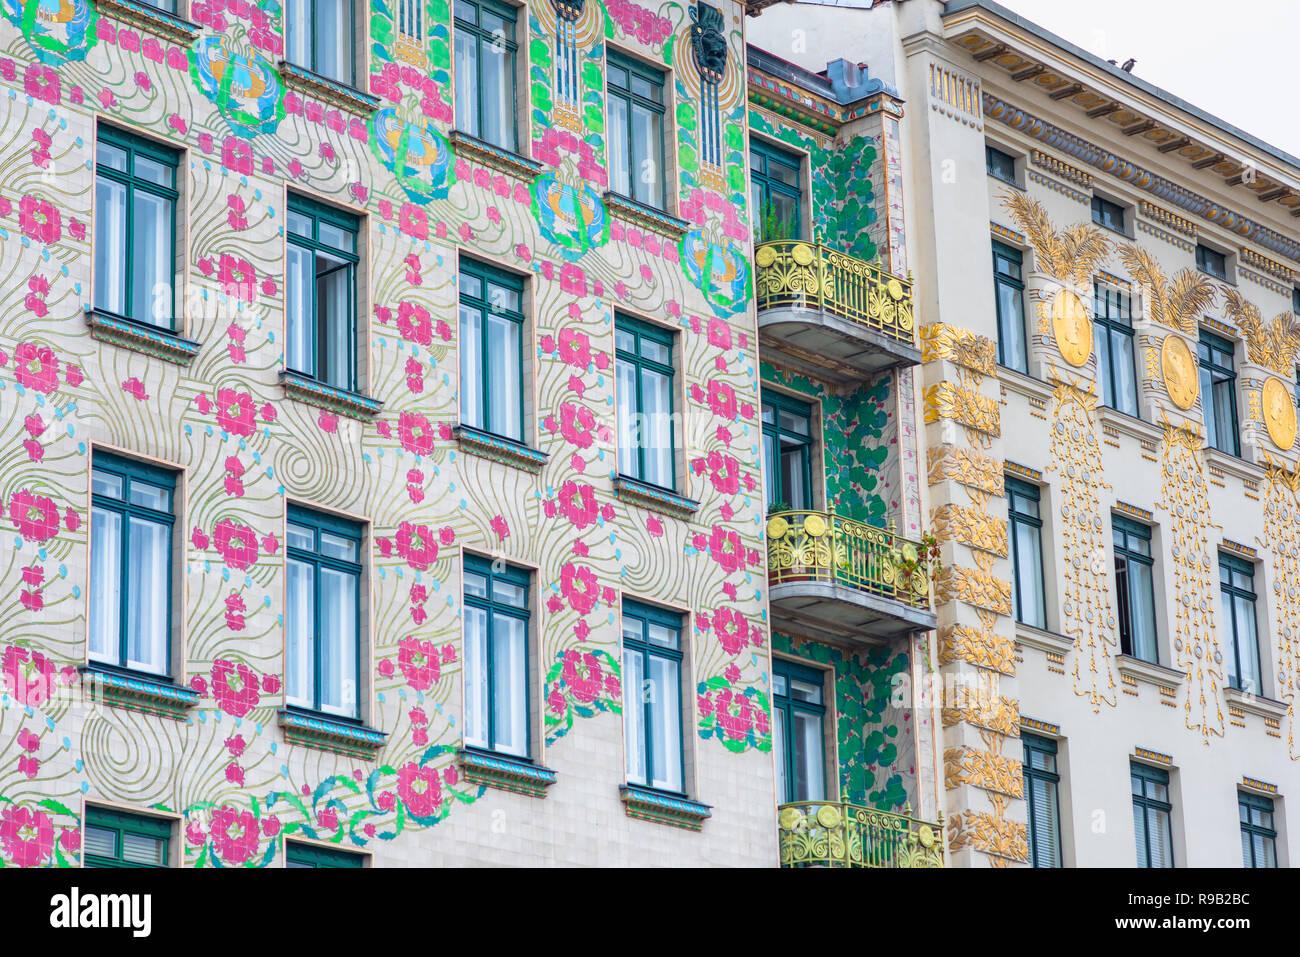 Jugendstil Wien, Ansicht der Majolika-Haus (links) und Otto Wagner Haus - sowohl die besten Beispiele des Jugendstils, Art-nouveau-Stil in der Architektur. Stockbild